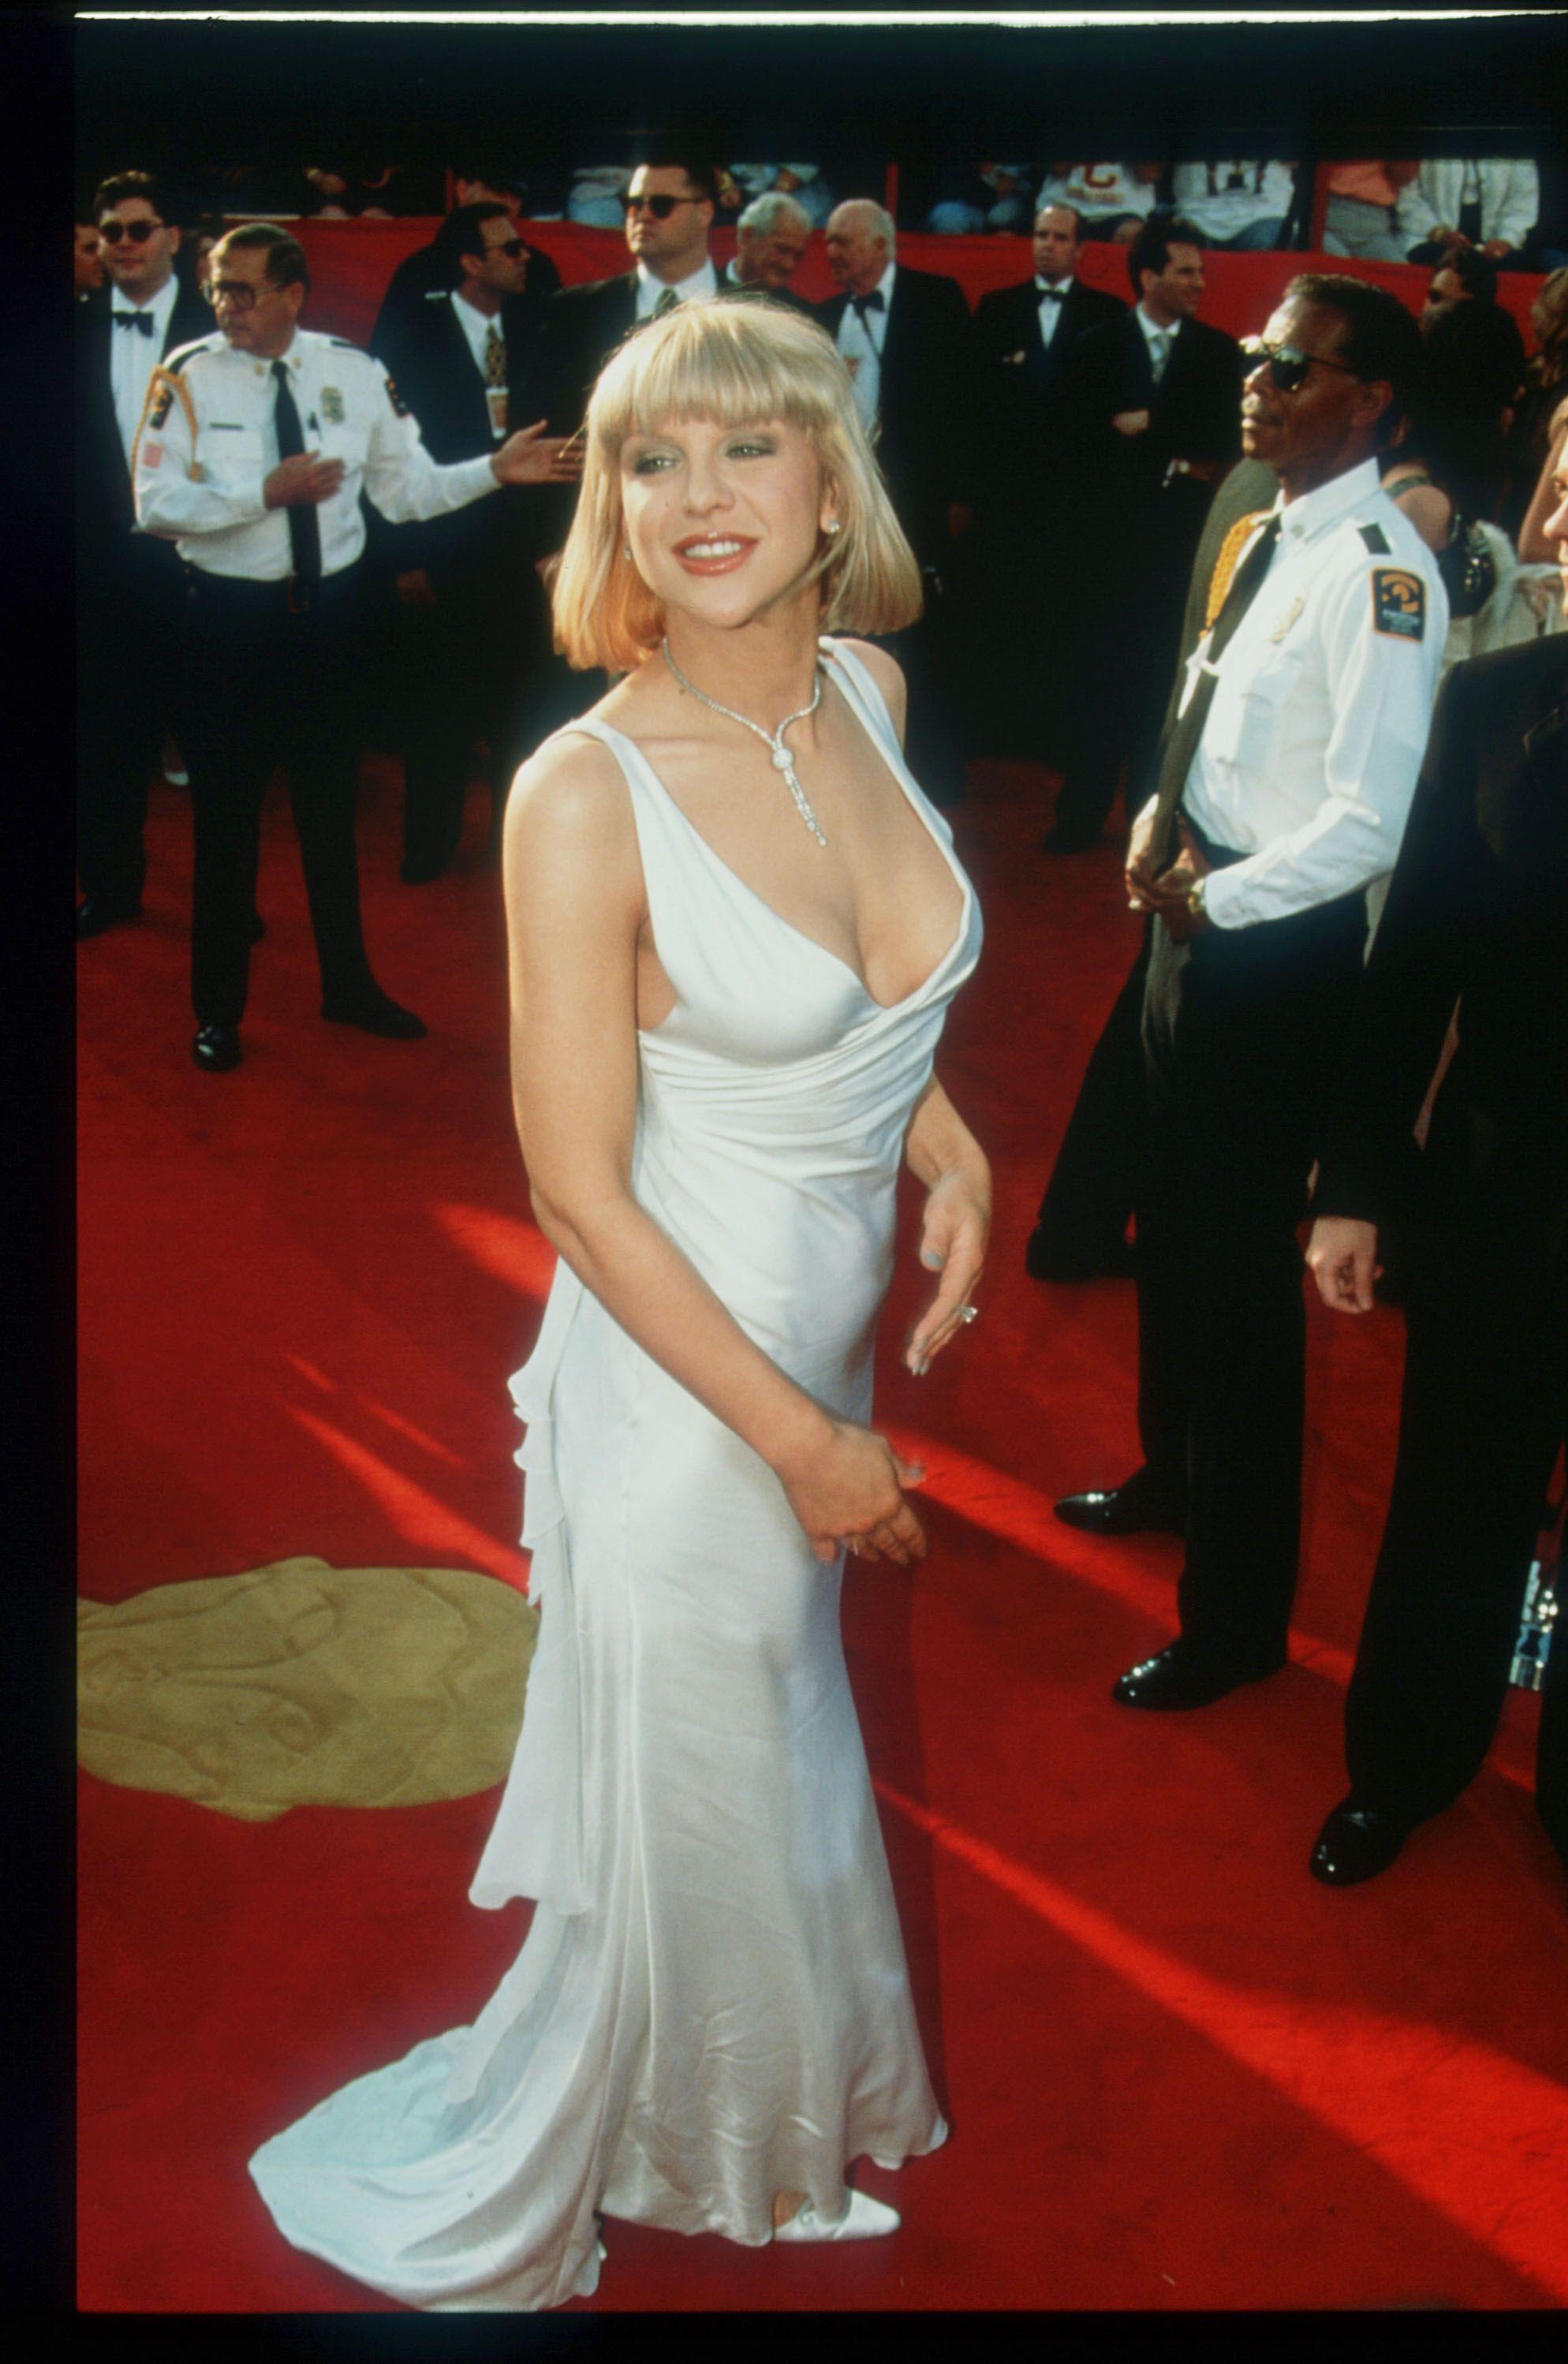 Courtney Love 1997